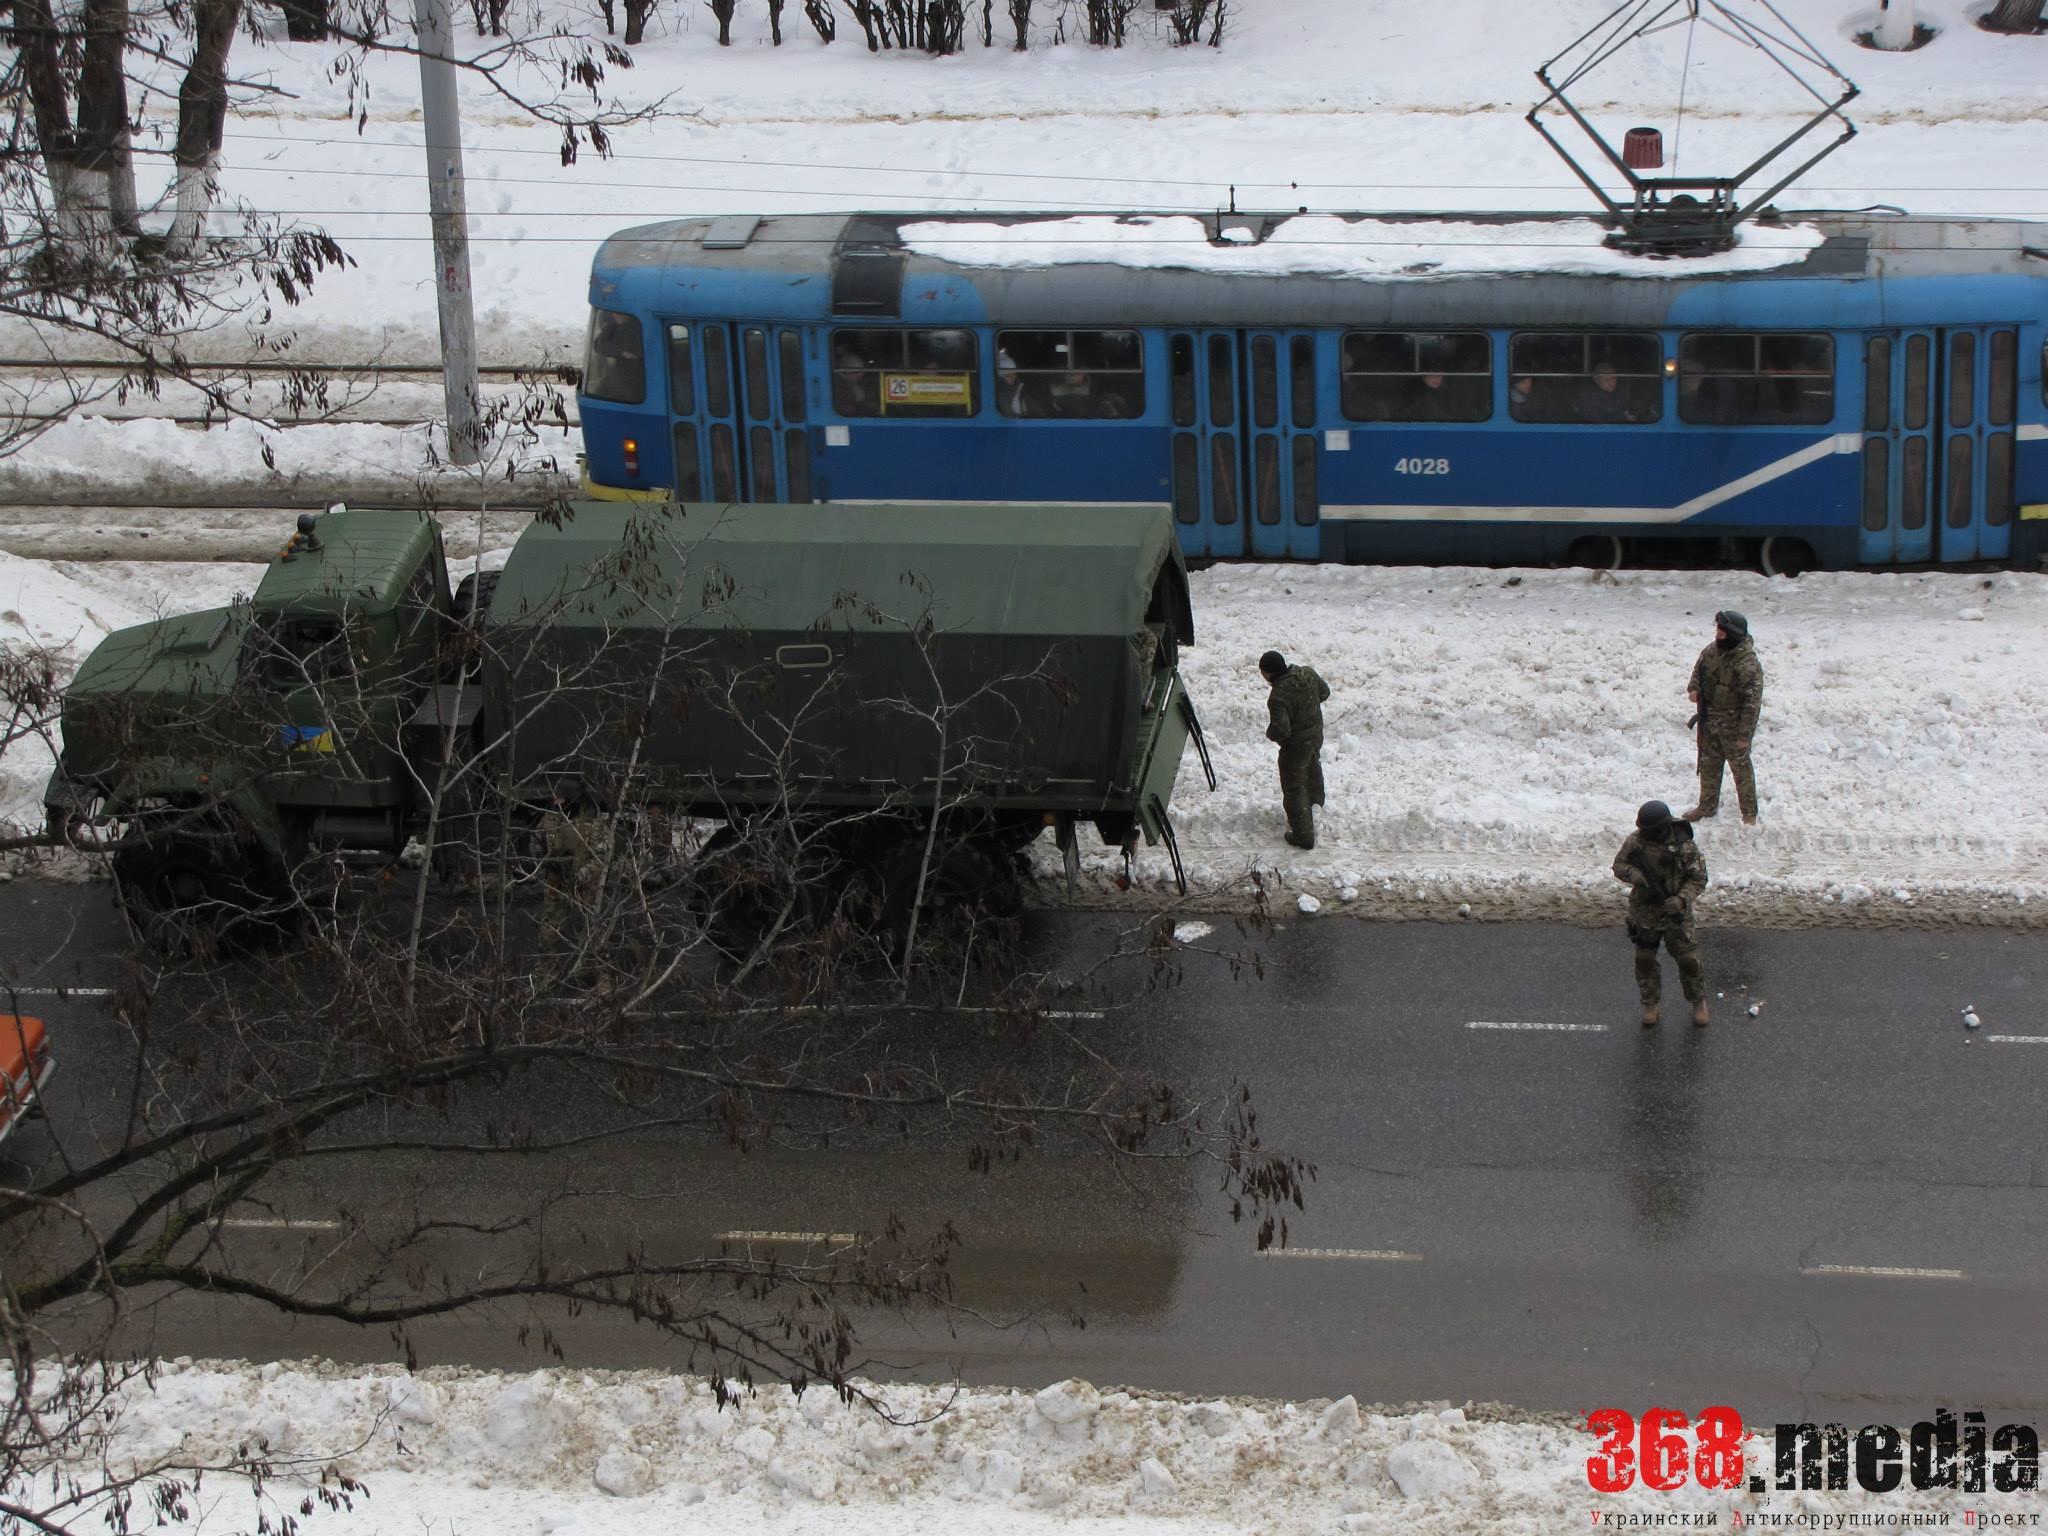 В Одессу на армейских грузовиках въехали вооруженные люди (фото)